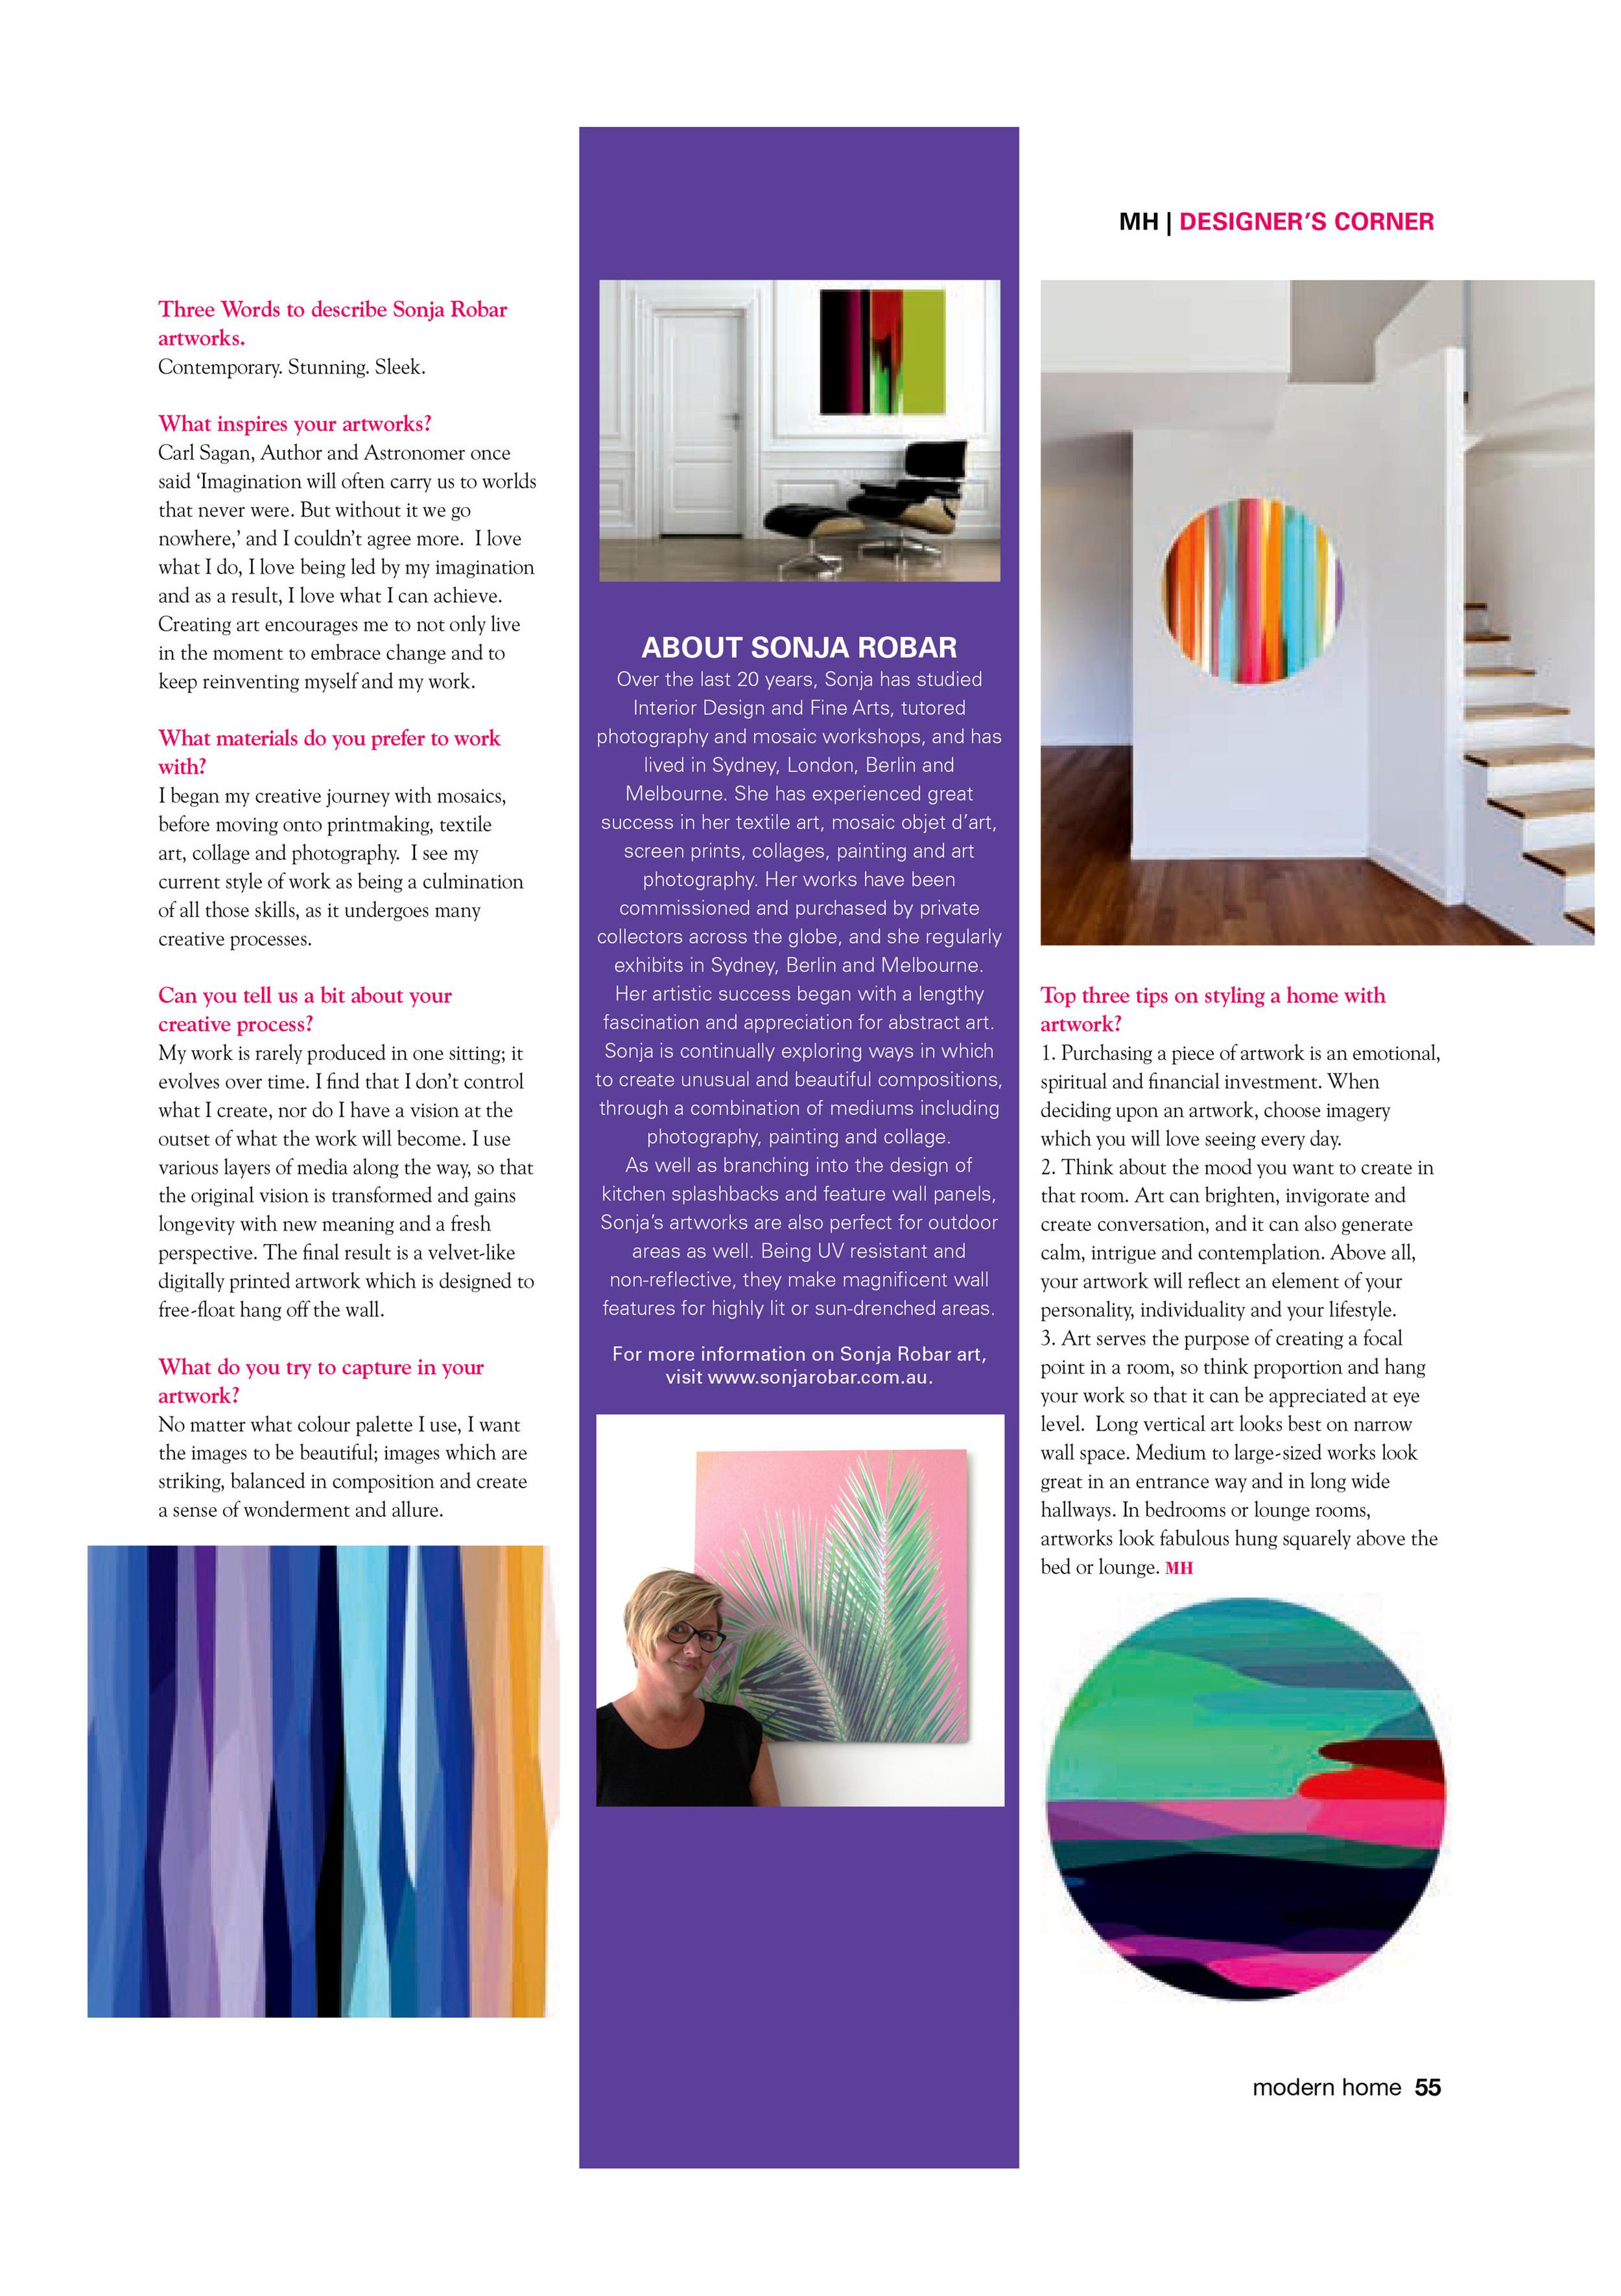 Australian Modern Home Magazine - December 2014